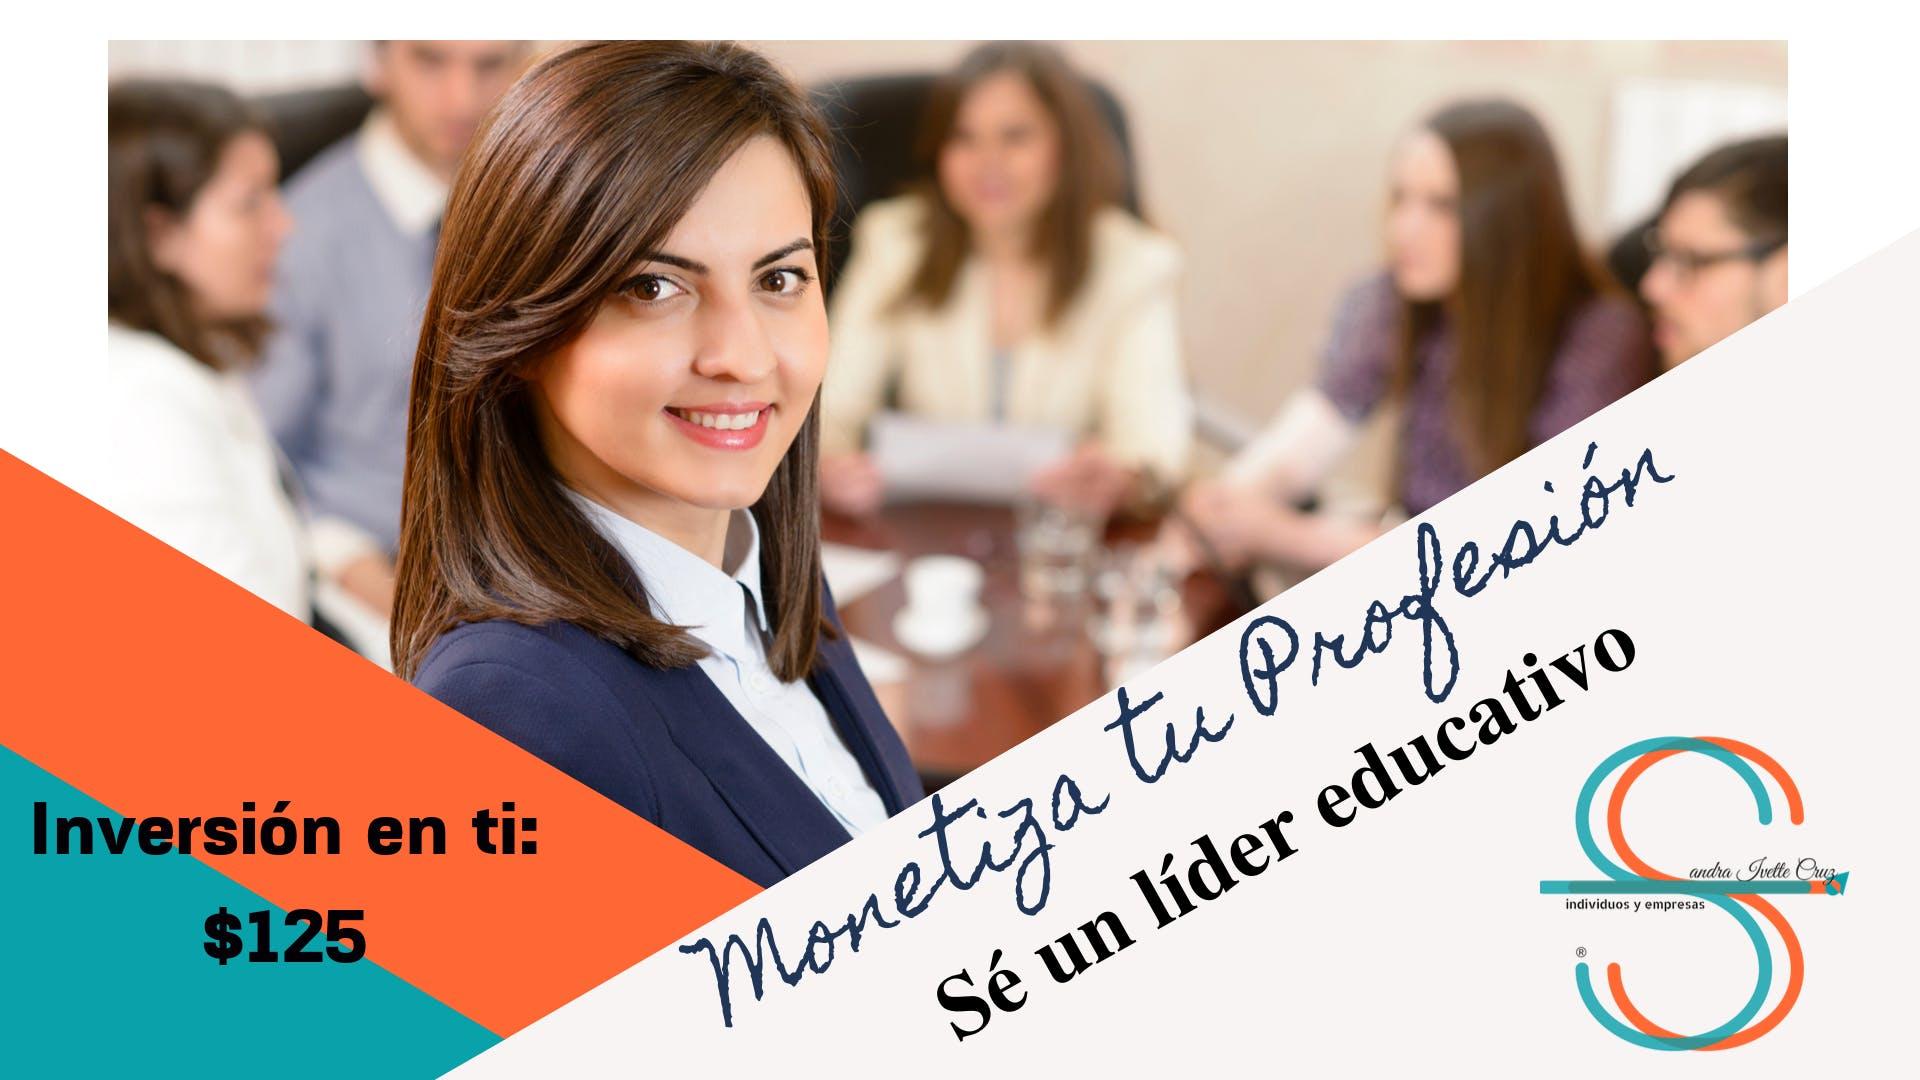 Monetiza tu profesión: sé un líder educativo